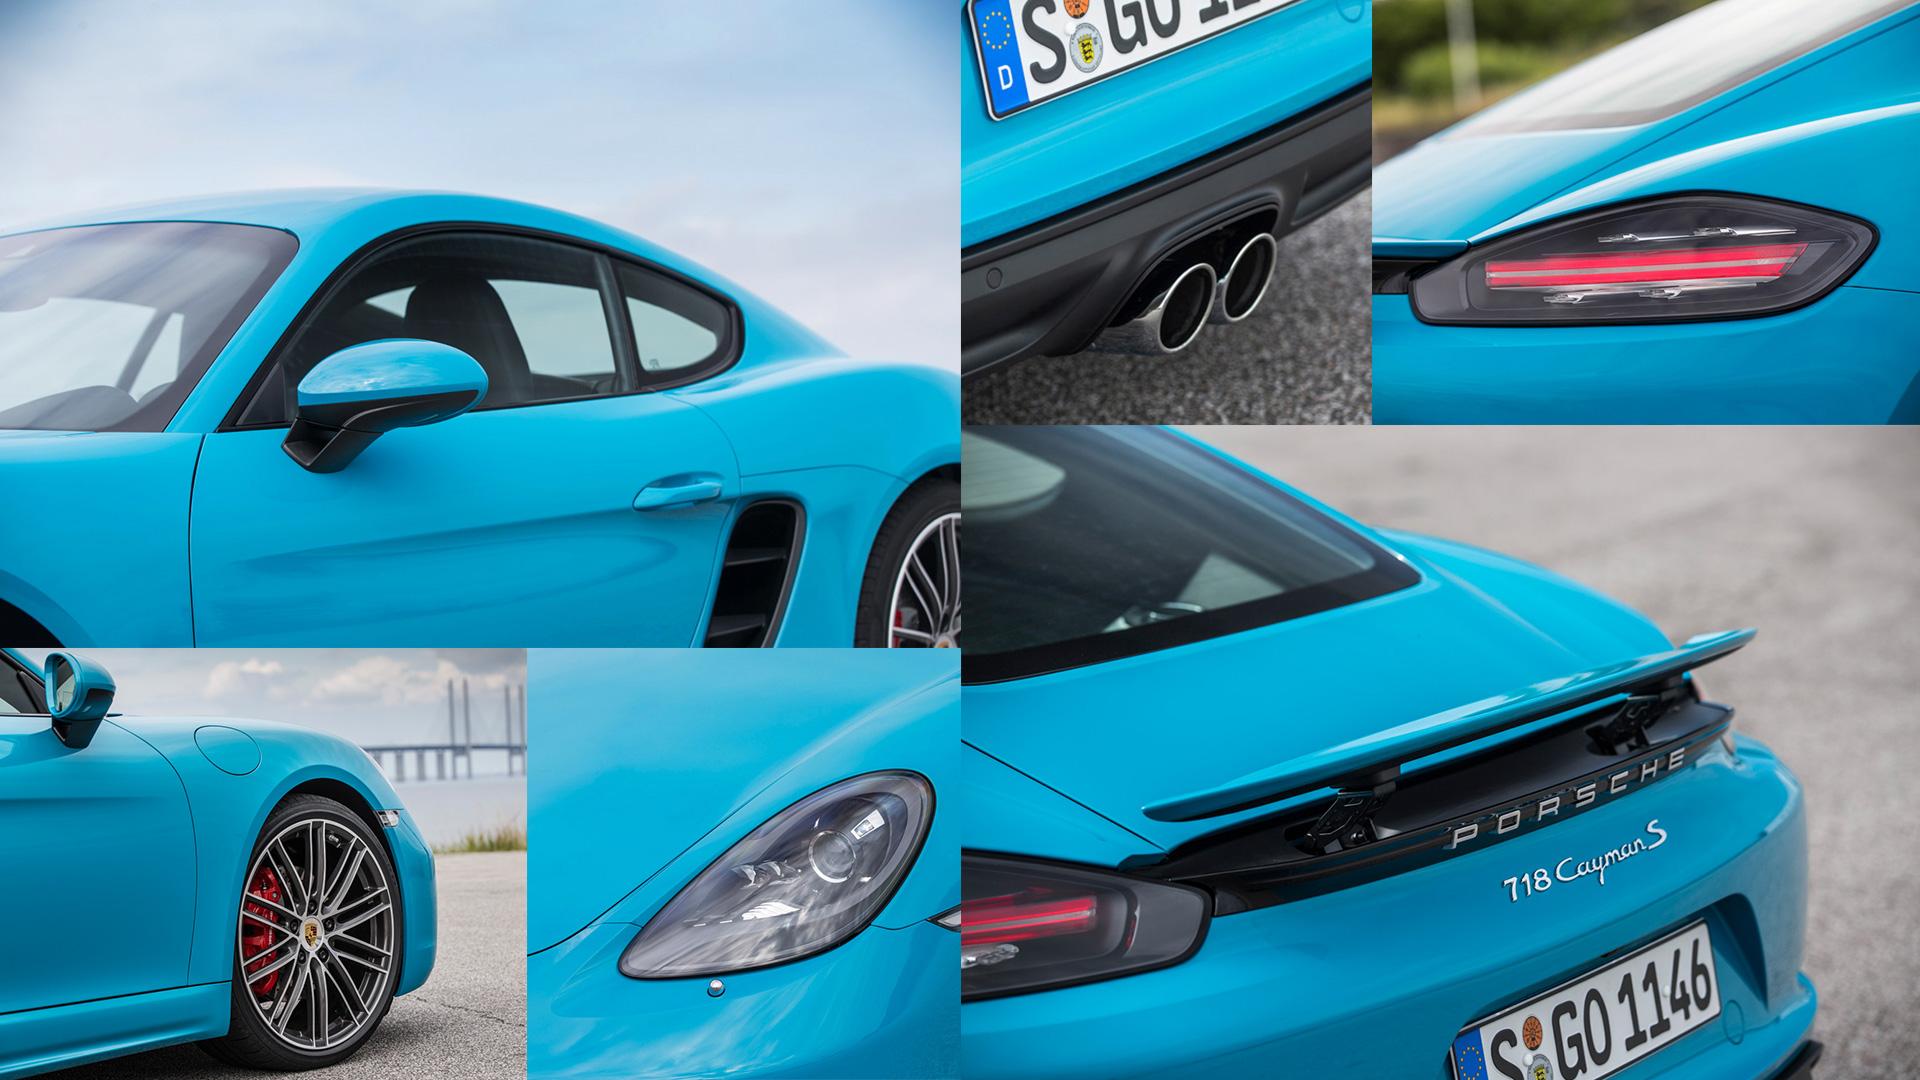 Коротко отом, почему мечты осамом крутом Porsche теперь можно отложить